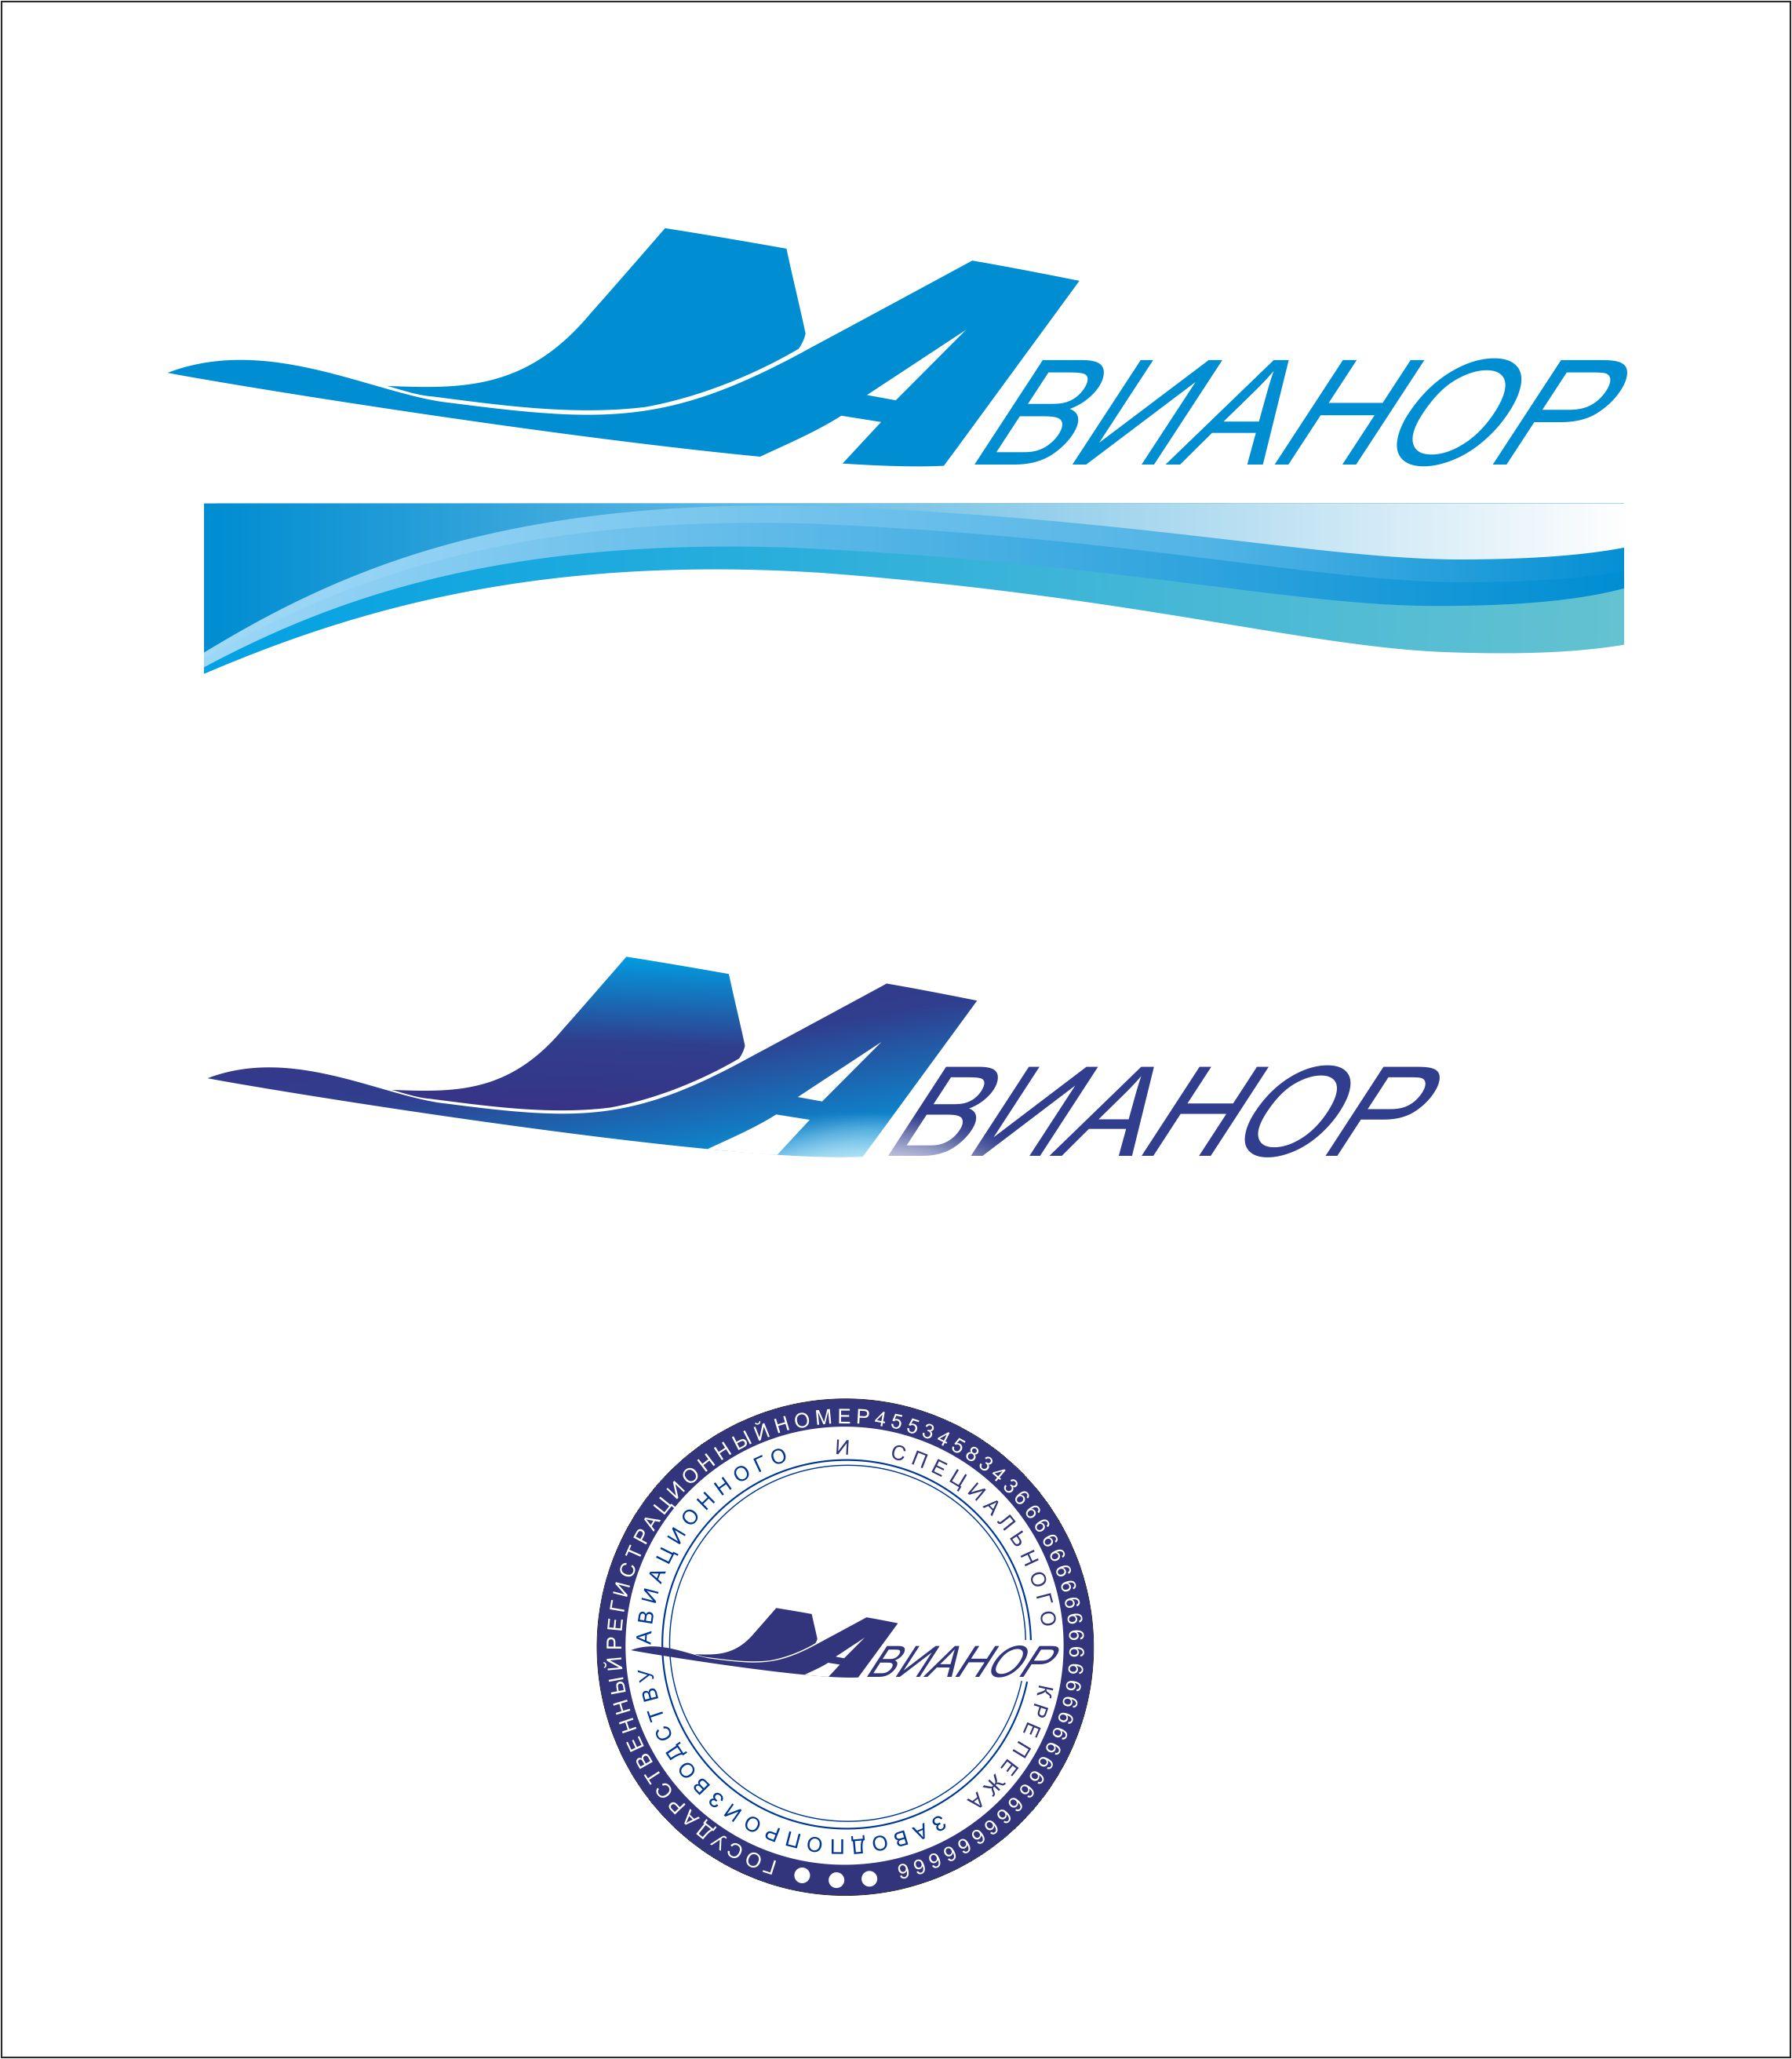 Нужен логотип и фирменный стиль для завода фото f_309528cfb01df02a.jpg